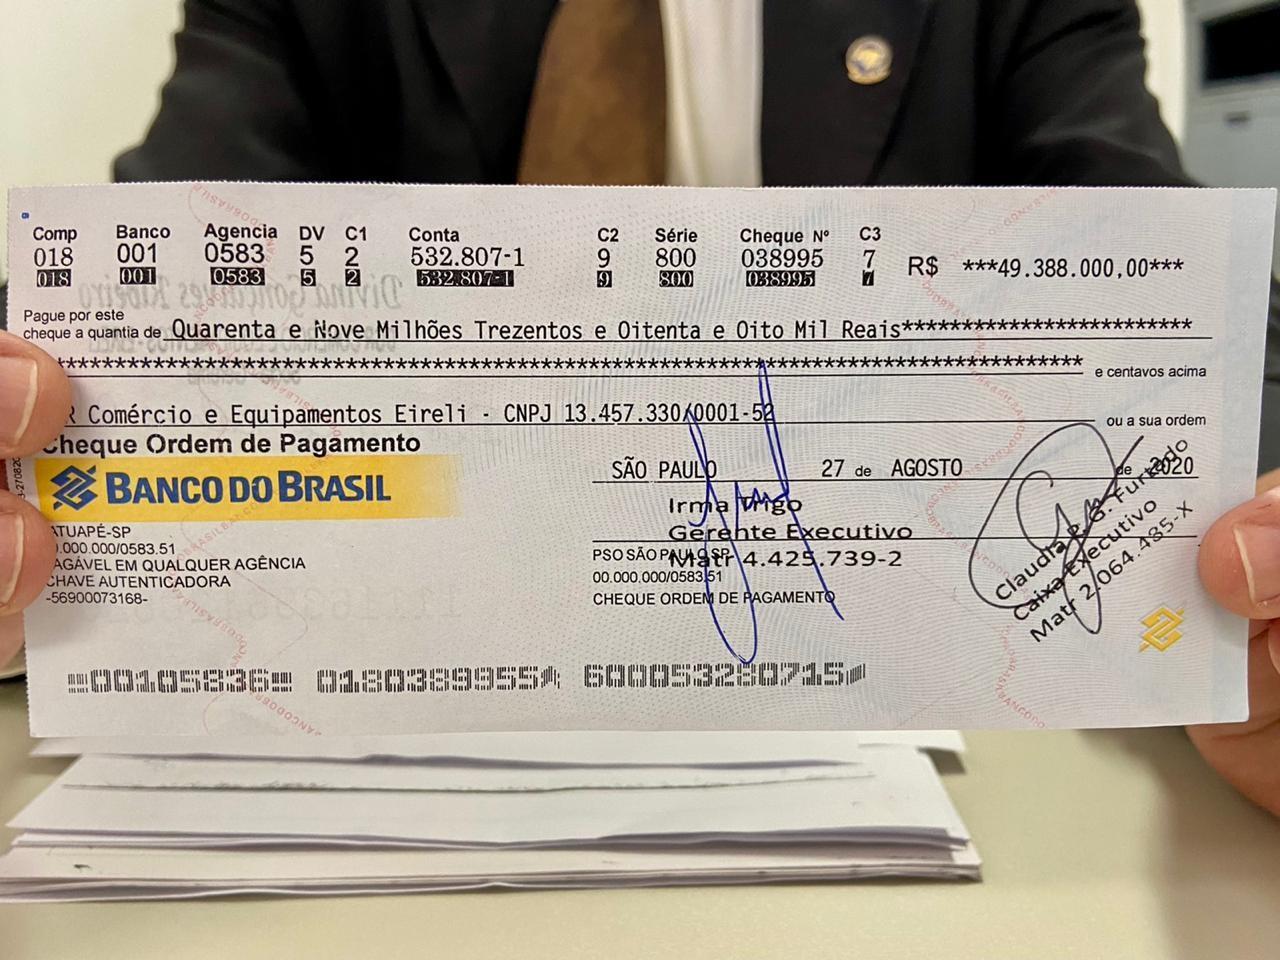 Trio é preso ao tentar compensar cheque clonado de R$ 49,3 milhões em agência bancária de Fortaleza